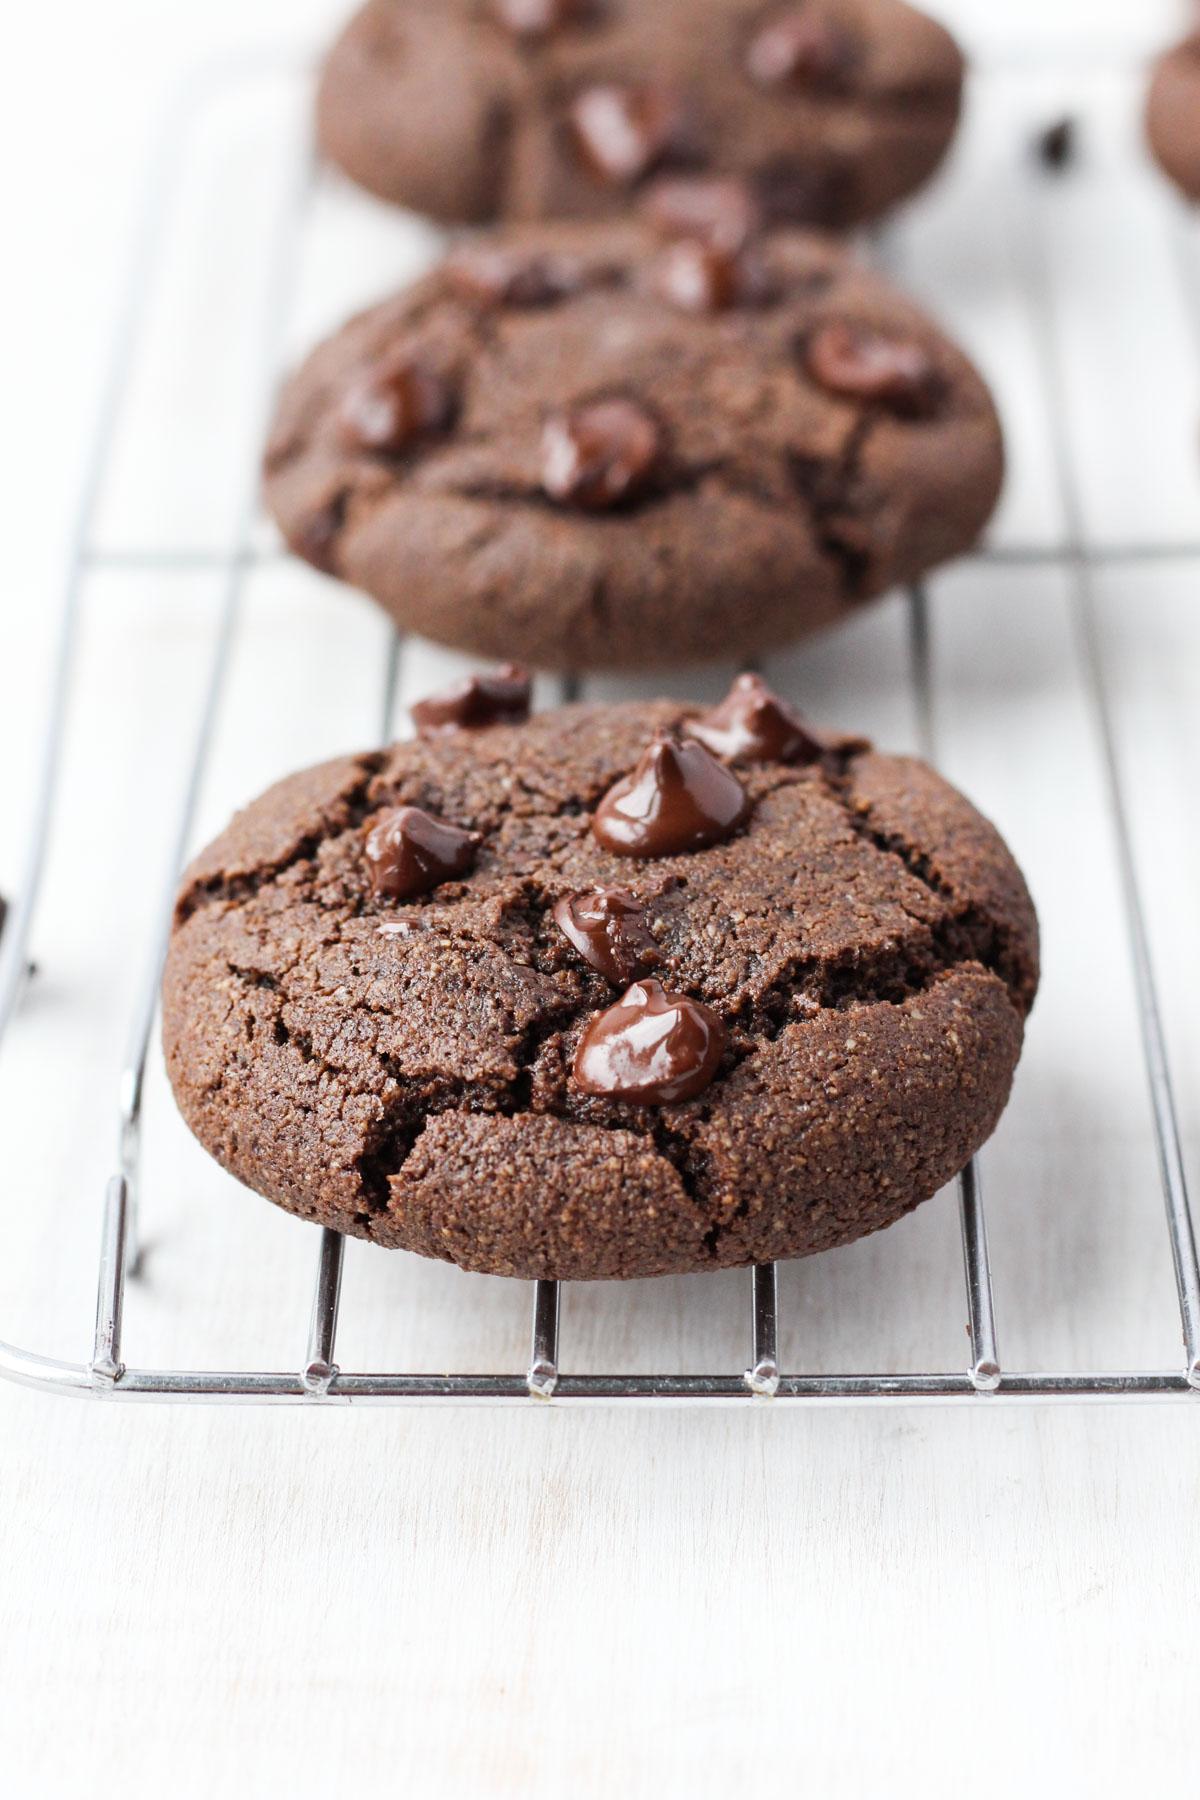 Chocolate cookies cooling on metal rack.